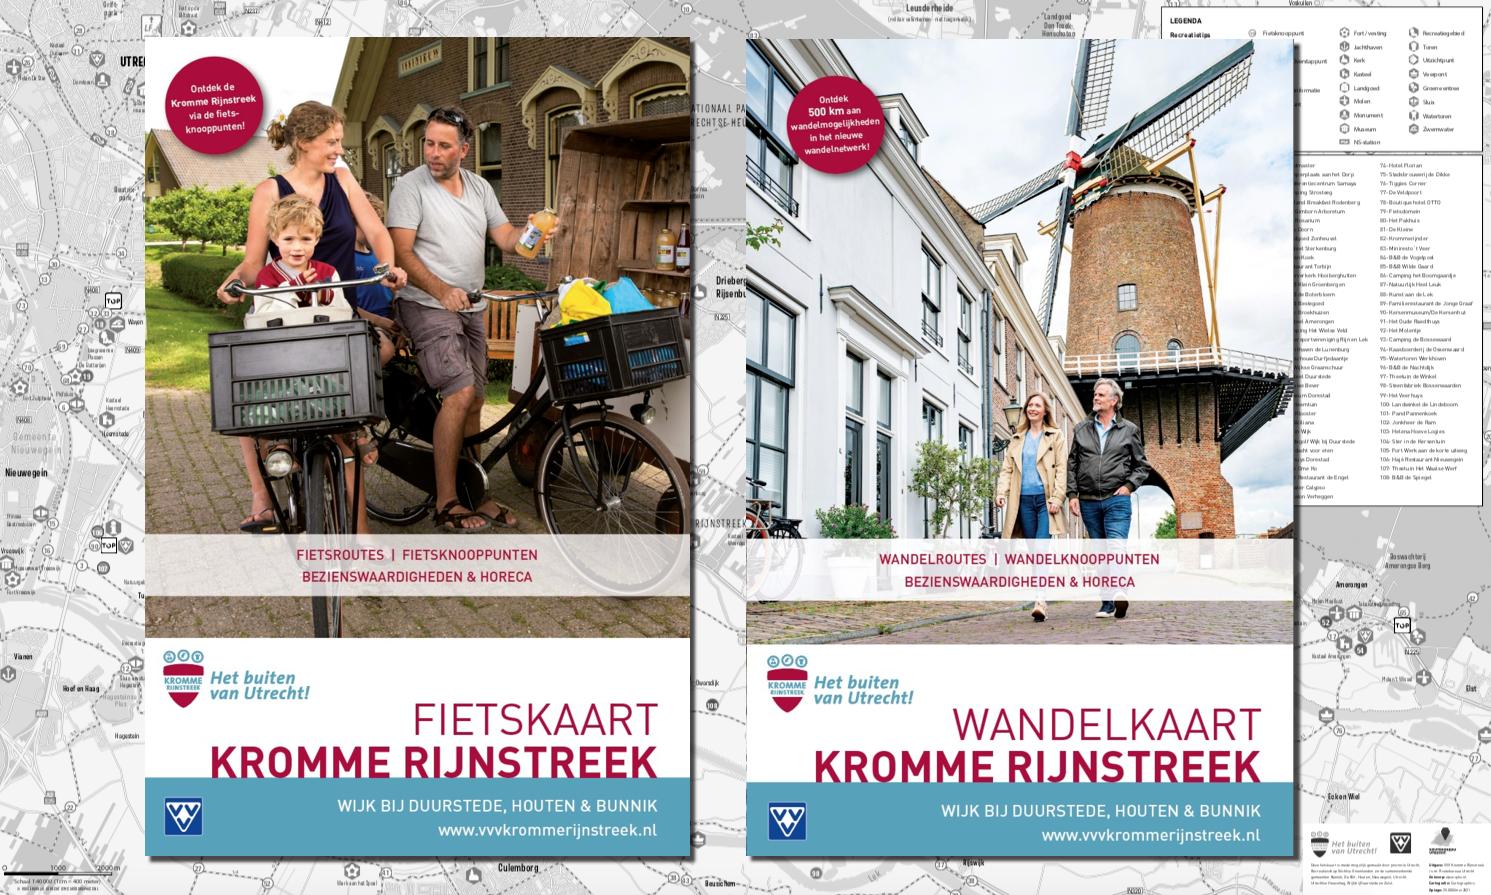 fiets-en wandelkaarten Kromme Rijnstreek